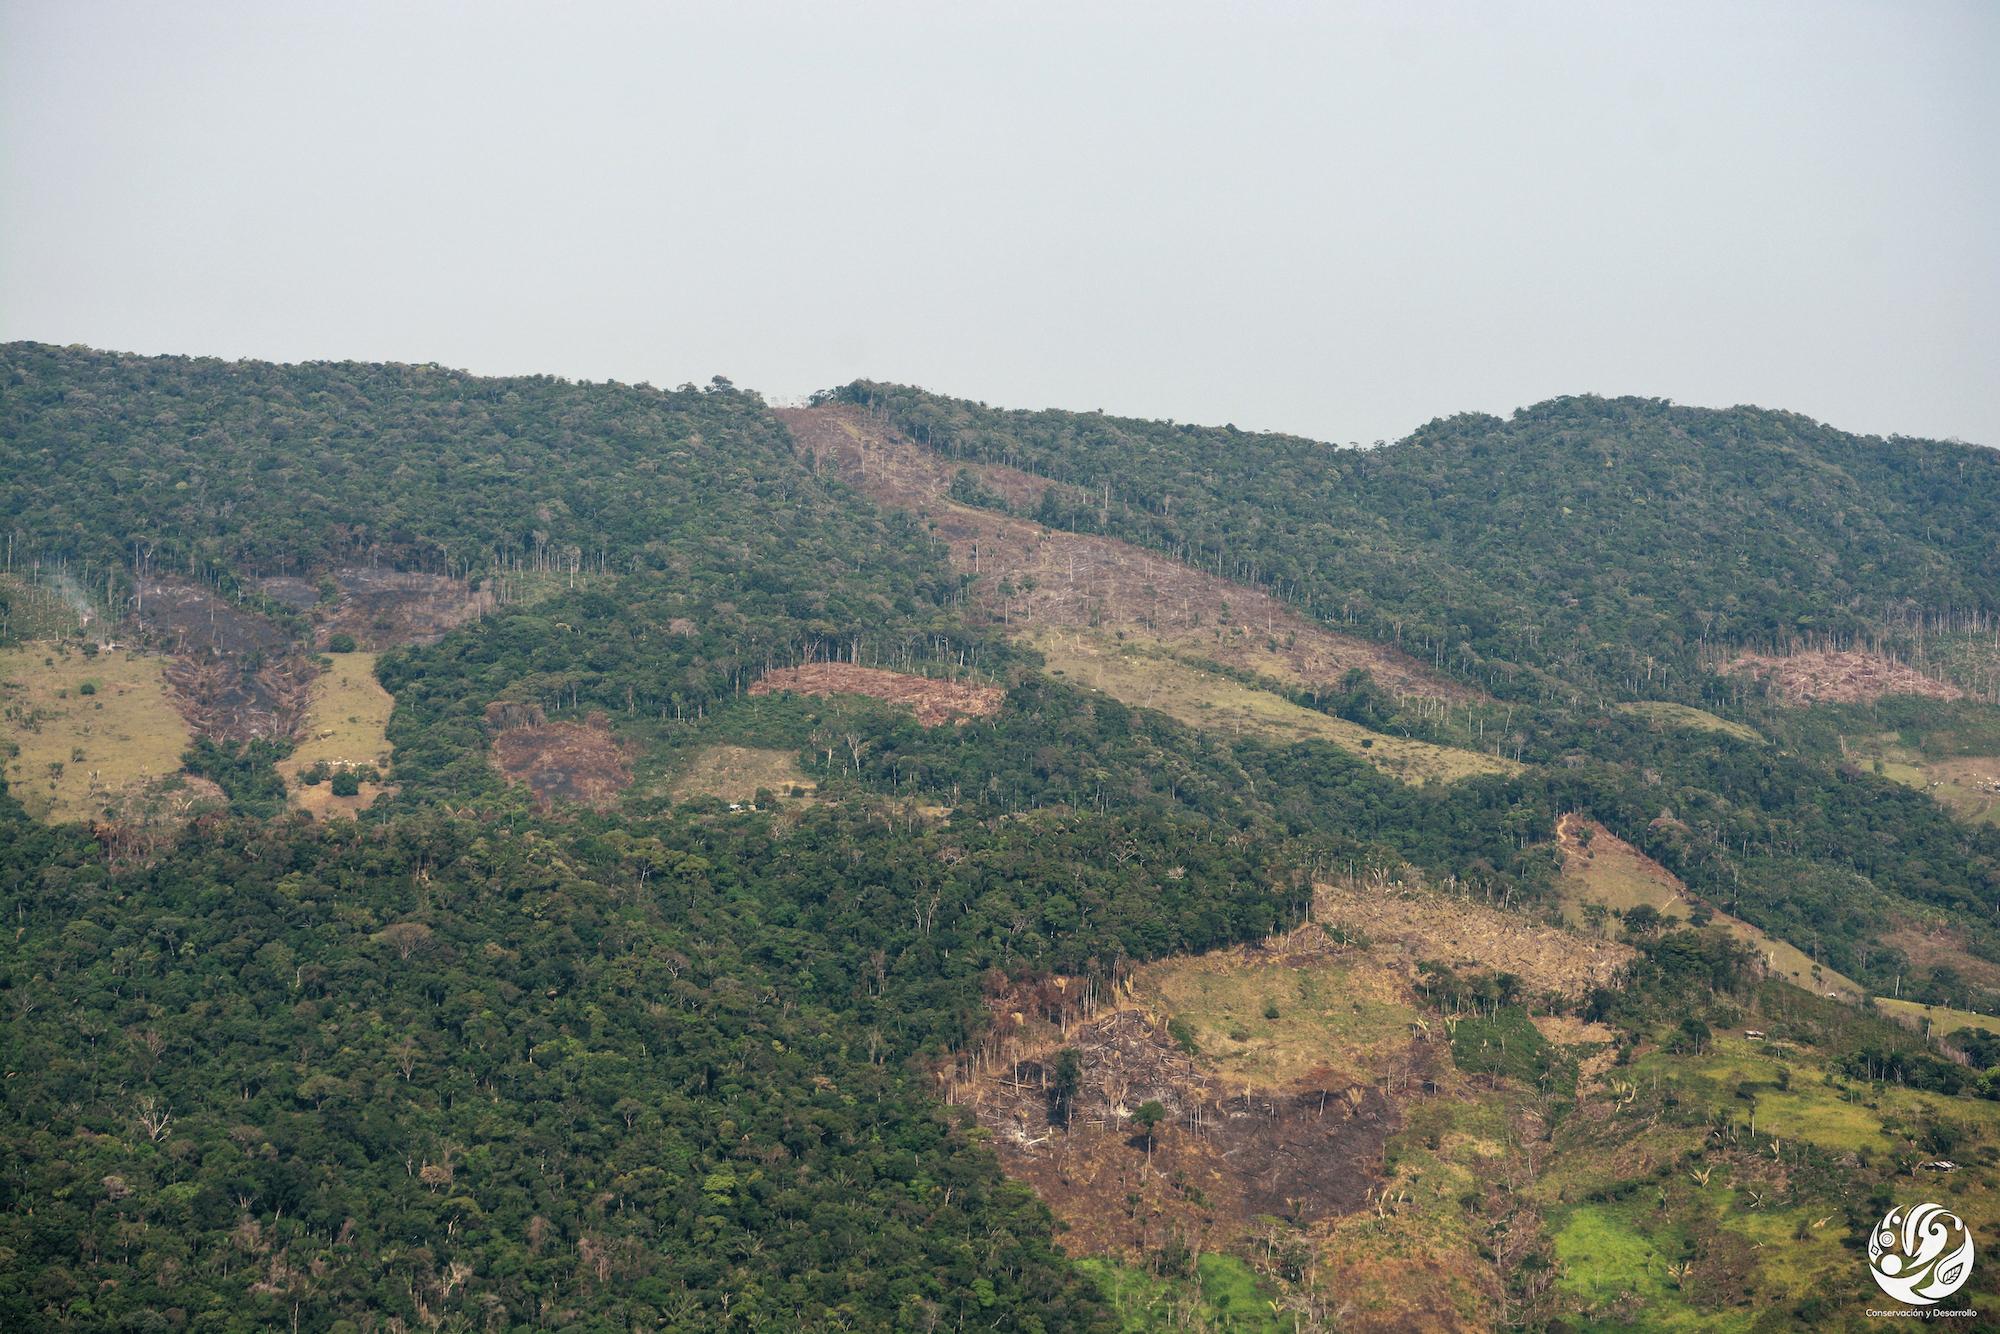 Deforestación parque Tinigua. Deforestación Amazonía norte colombiana. Foto: Fundación para la Conservación y el Desarrollo Sostenible (FCDS).